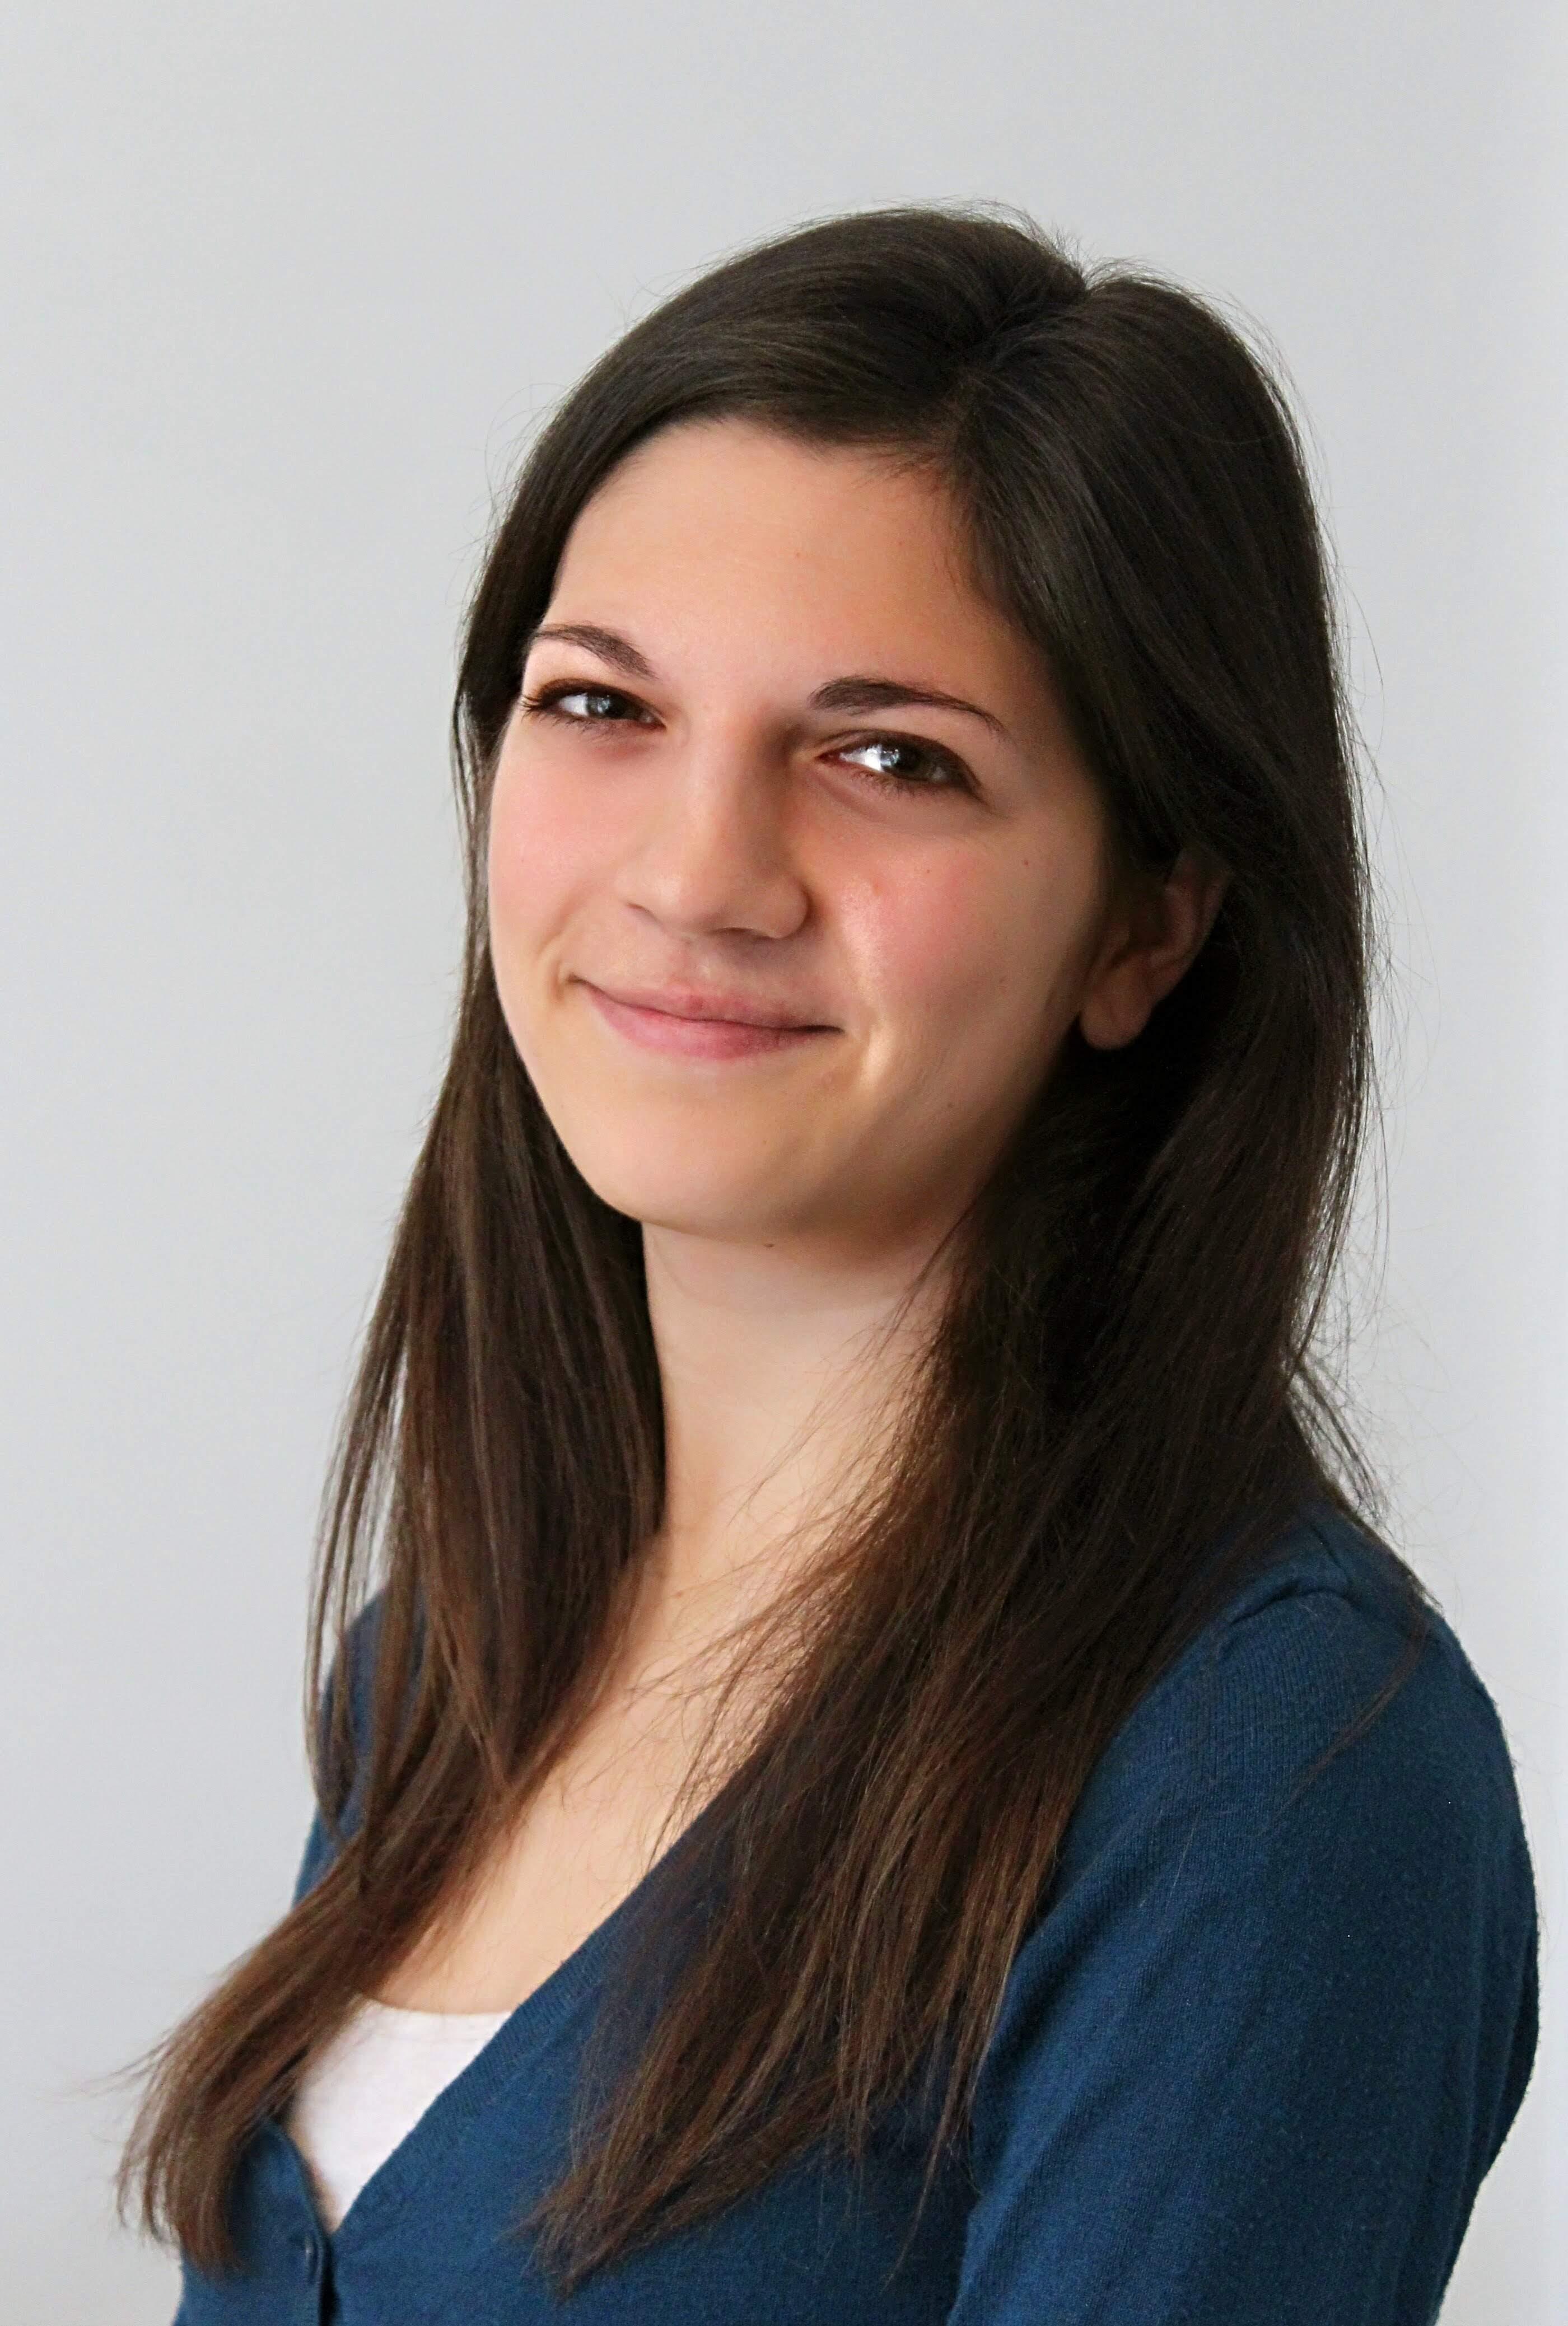 Mag. Julia Peham – Klinische und Gesundheitspsychologin